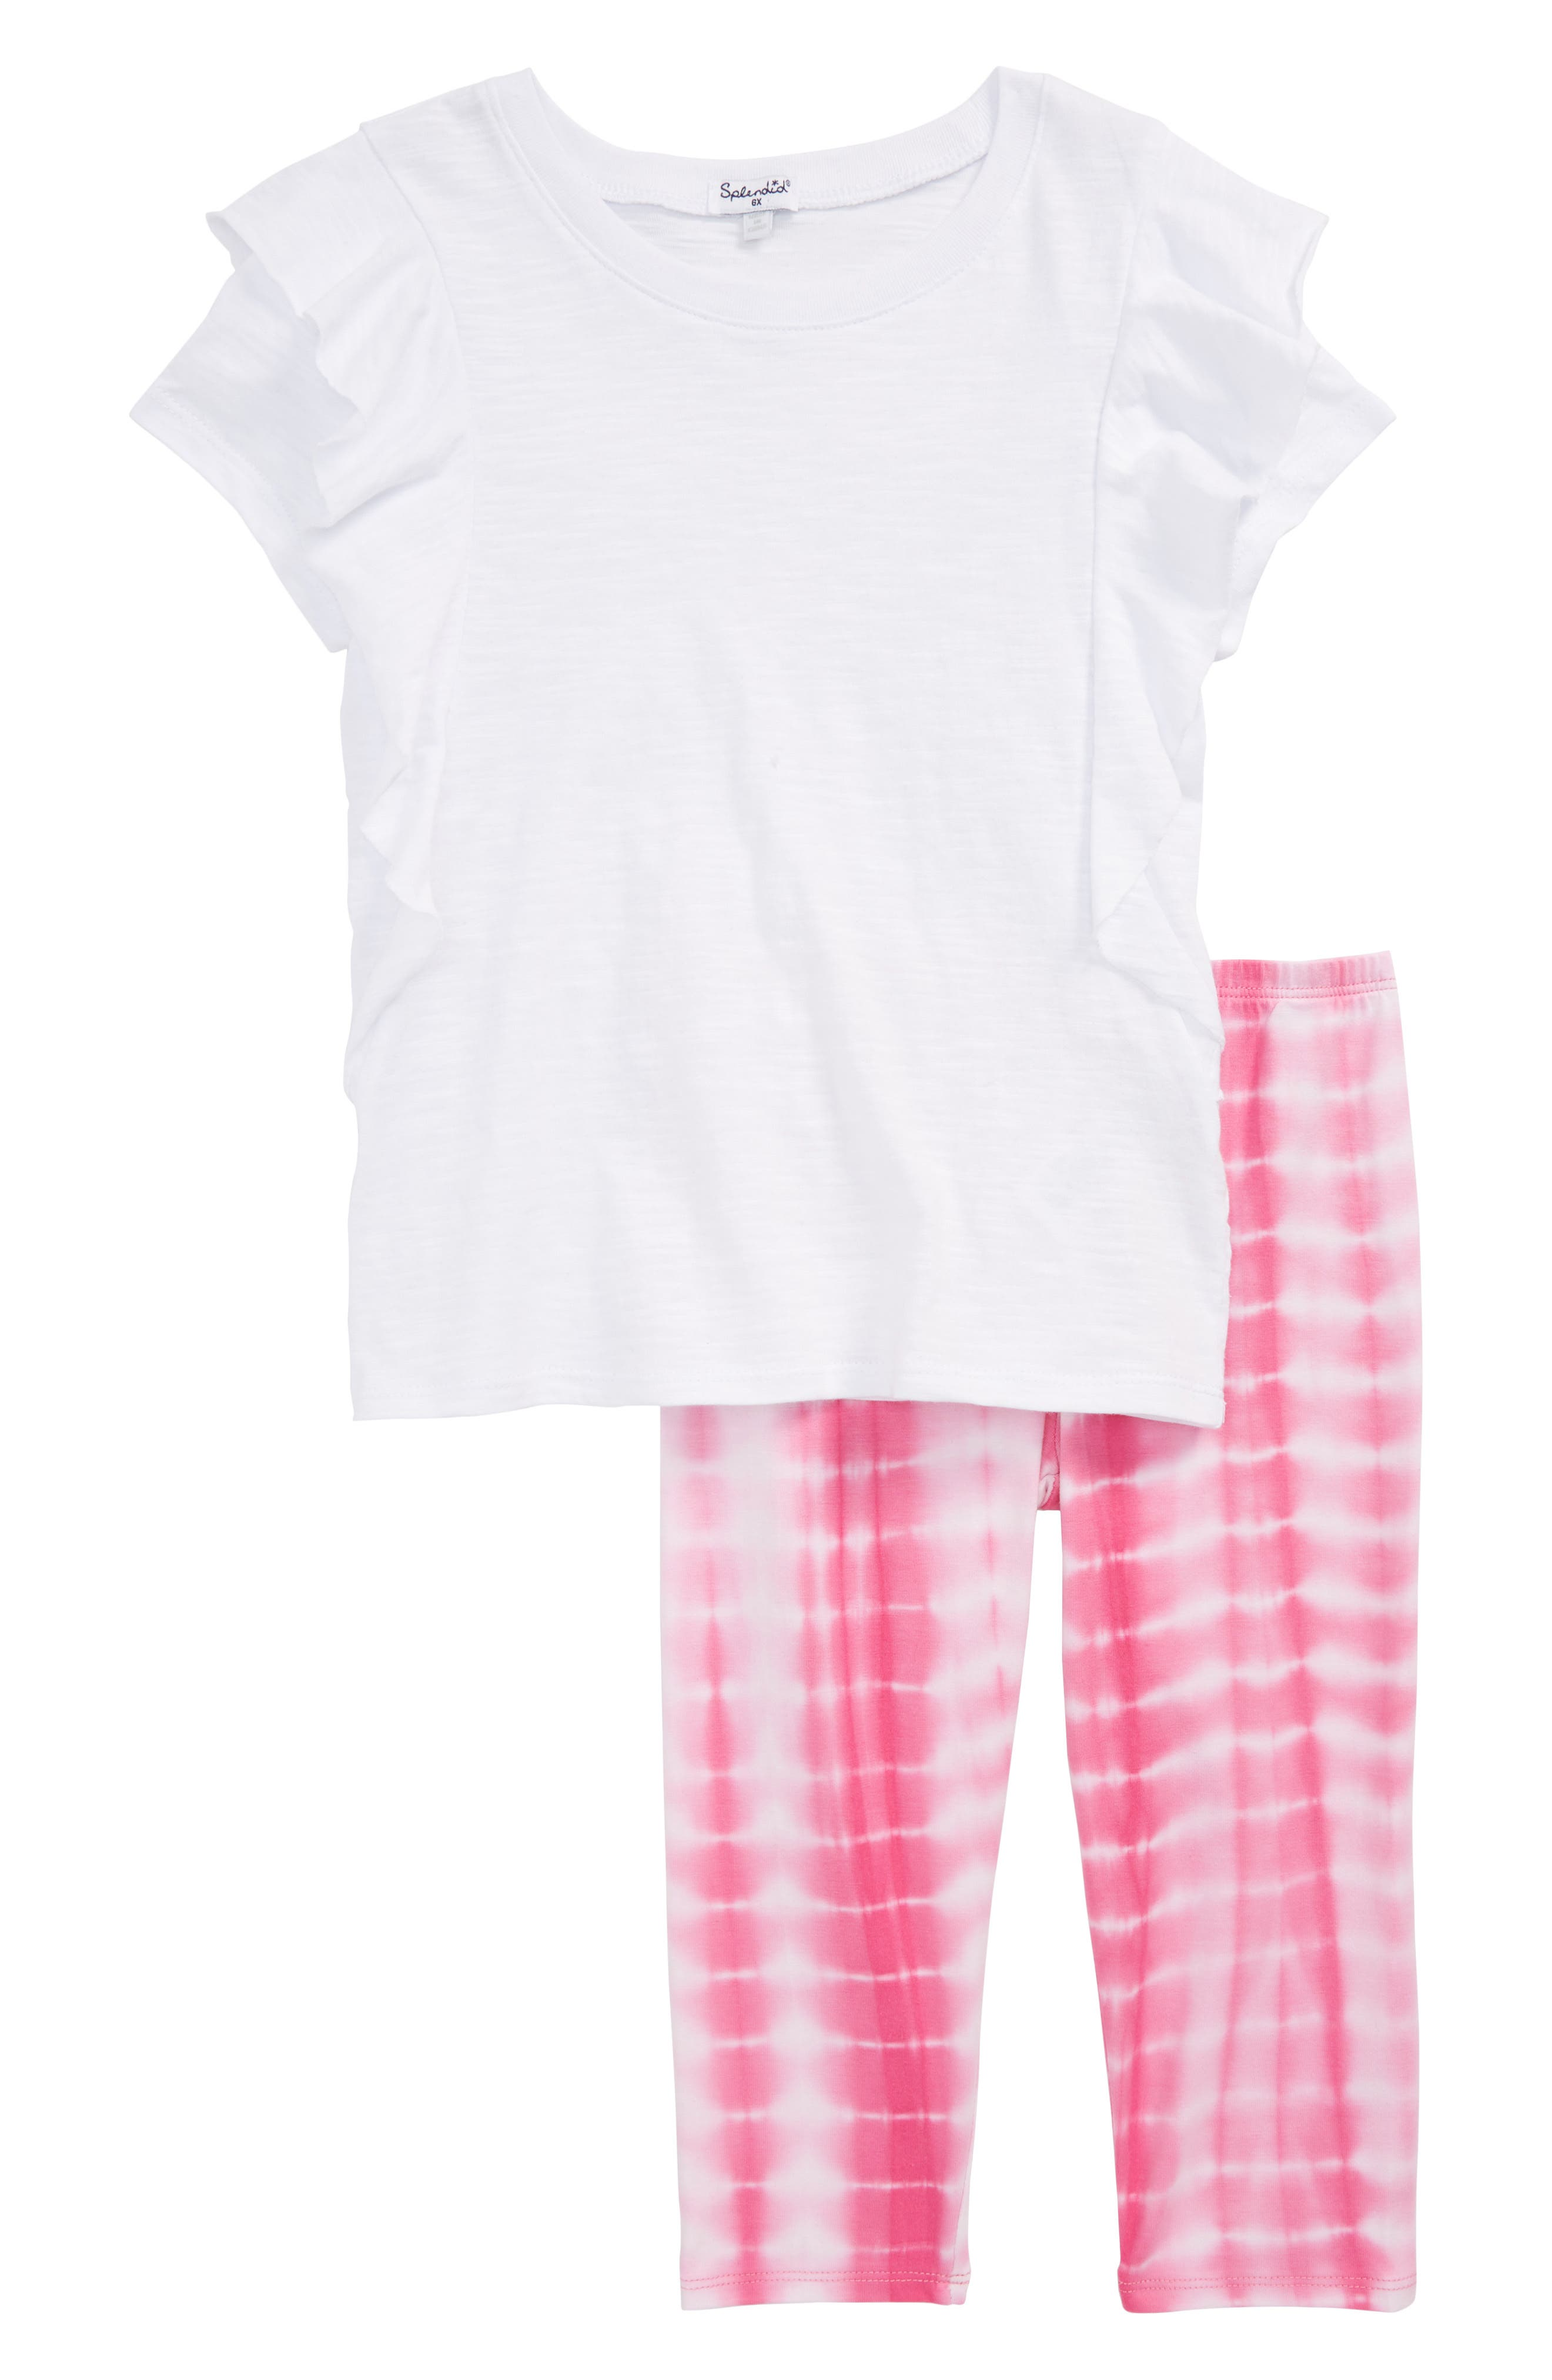 Splendid Slub Tee & Tie Dye Leggings Set (Toddler Girls & Little Girls)